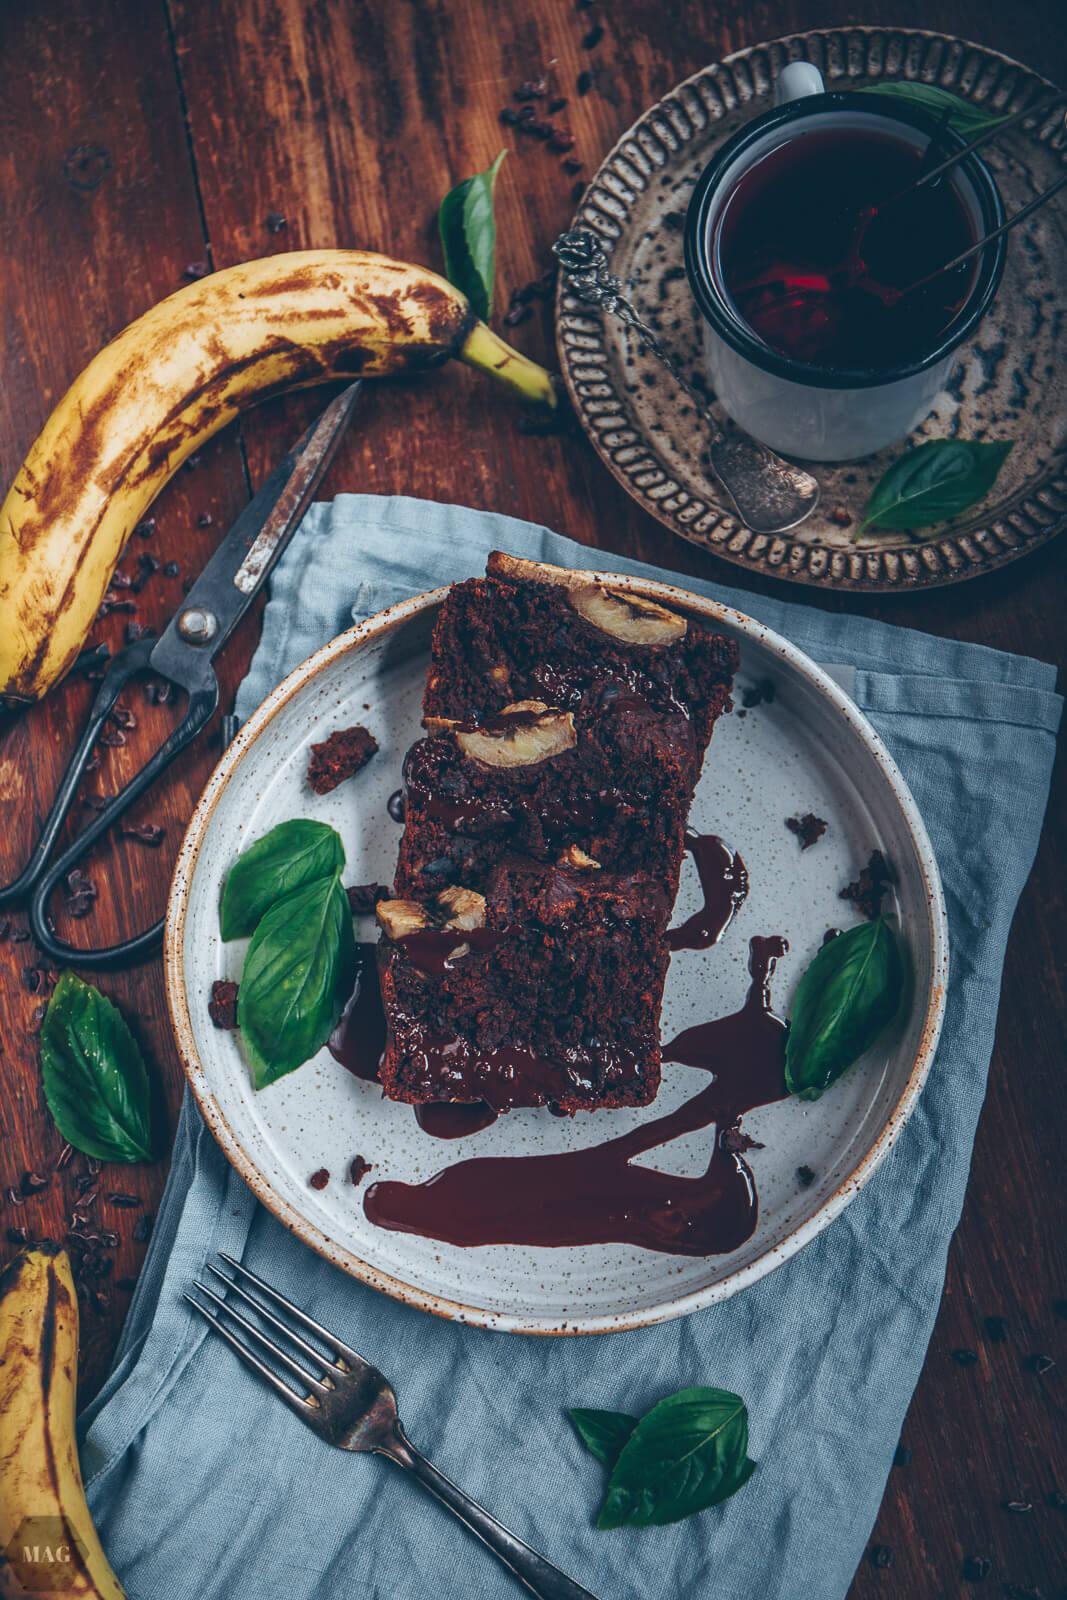 Schoko-Bananen-Brot, Schokobananenbrot, Schoko Bananen Brot, Bananen Brot vegan, Schoko Bananen Brot vegan, Bananen Brot mit Kakao, Bananenbrot ohne Ei, Bananen aufbrauchen Rezept, Bananen Brot Rezept, Schoko Bananen Brot Rezept, Schoko Bananen Brot gesund